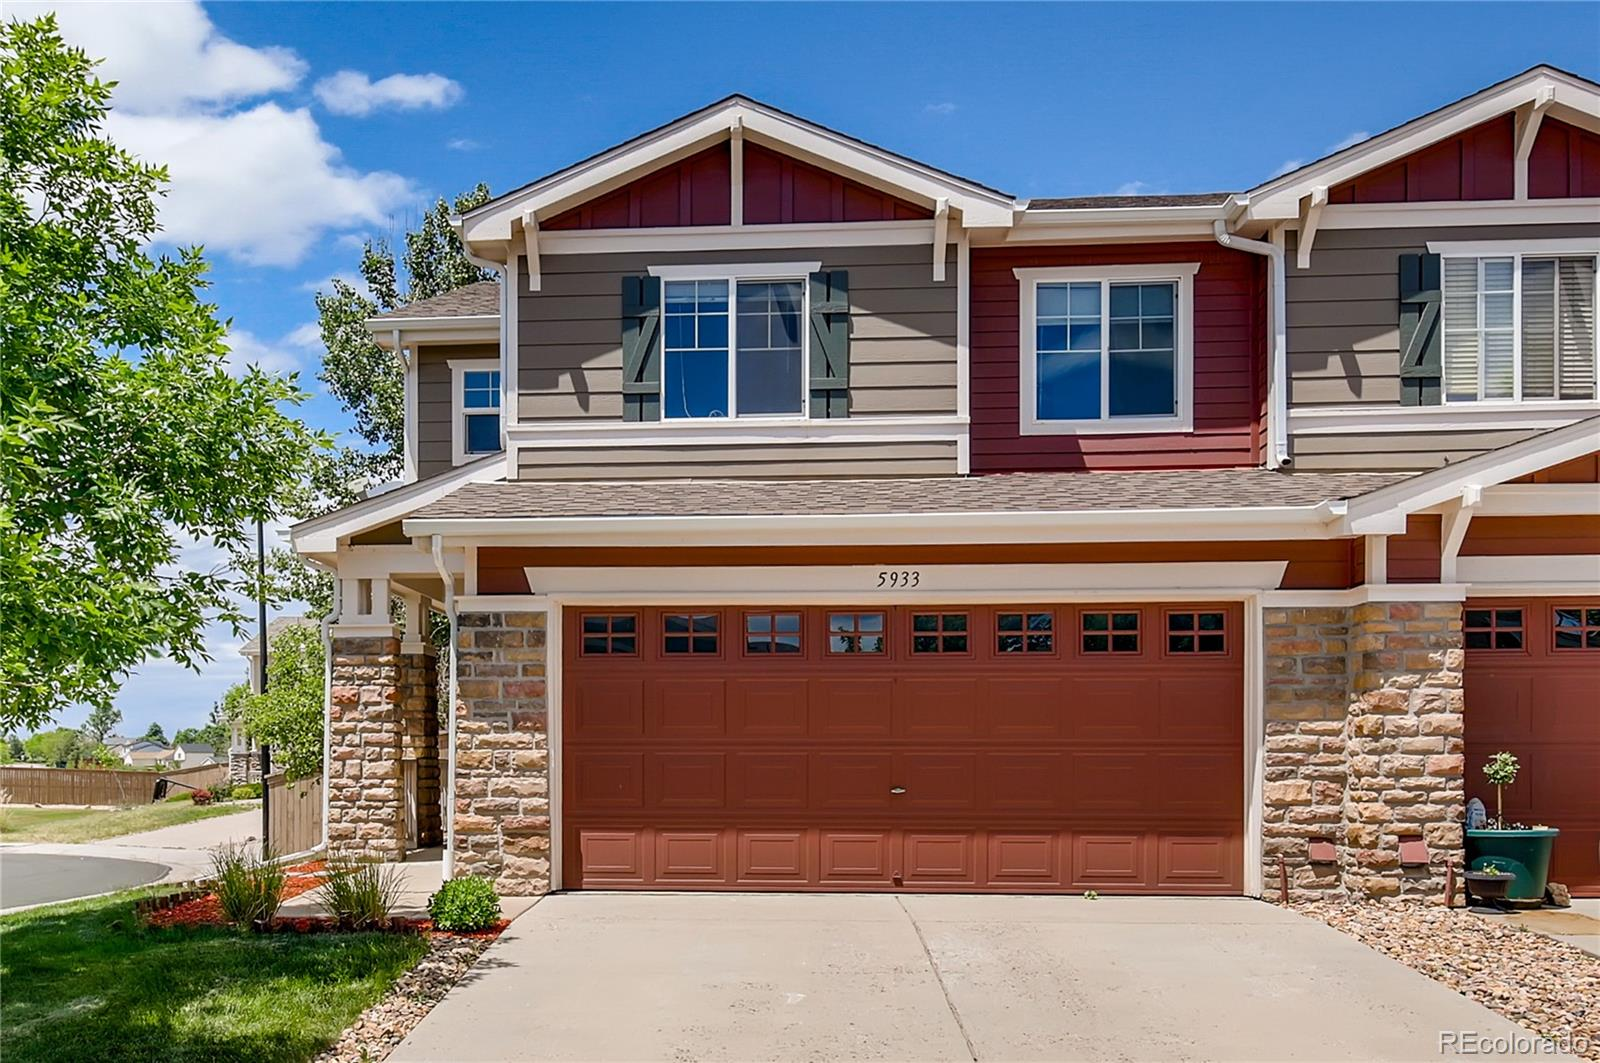 MLS# 6875065 - 2 - 5933 Turnstone Place, Castle Rock, CO 80104